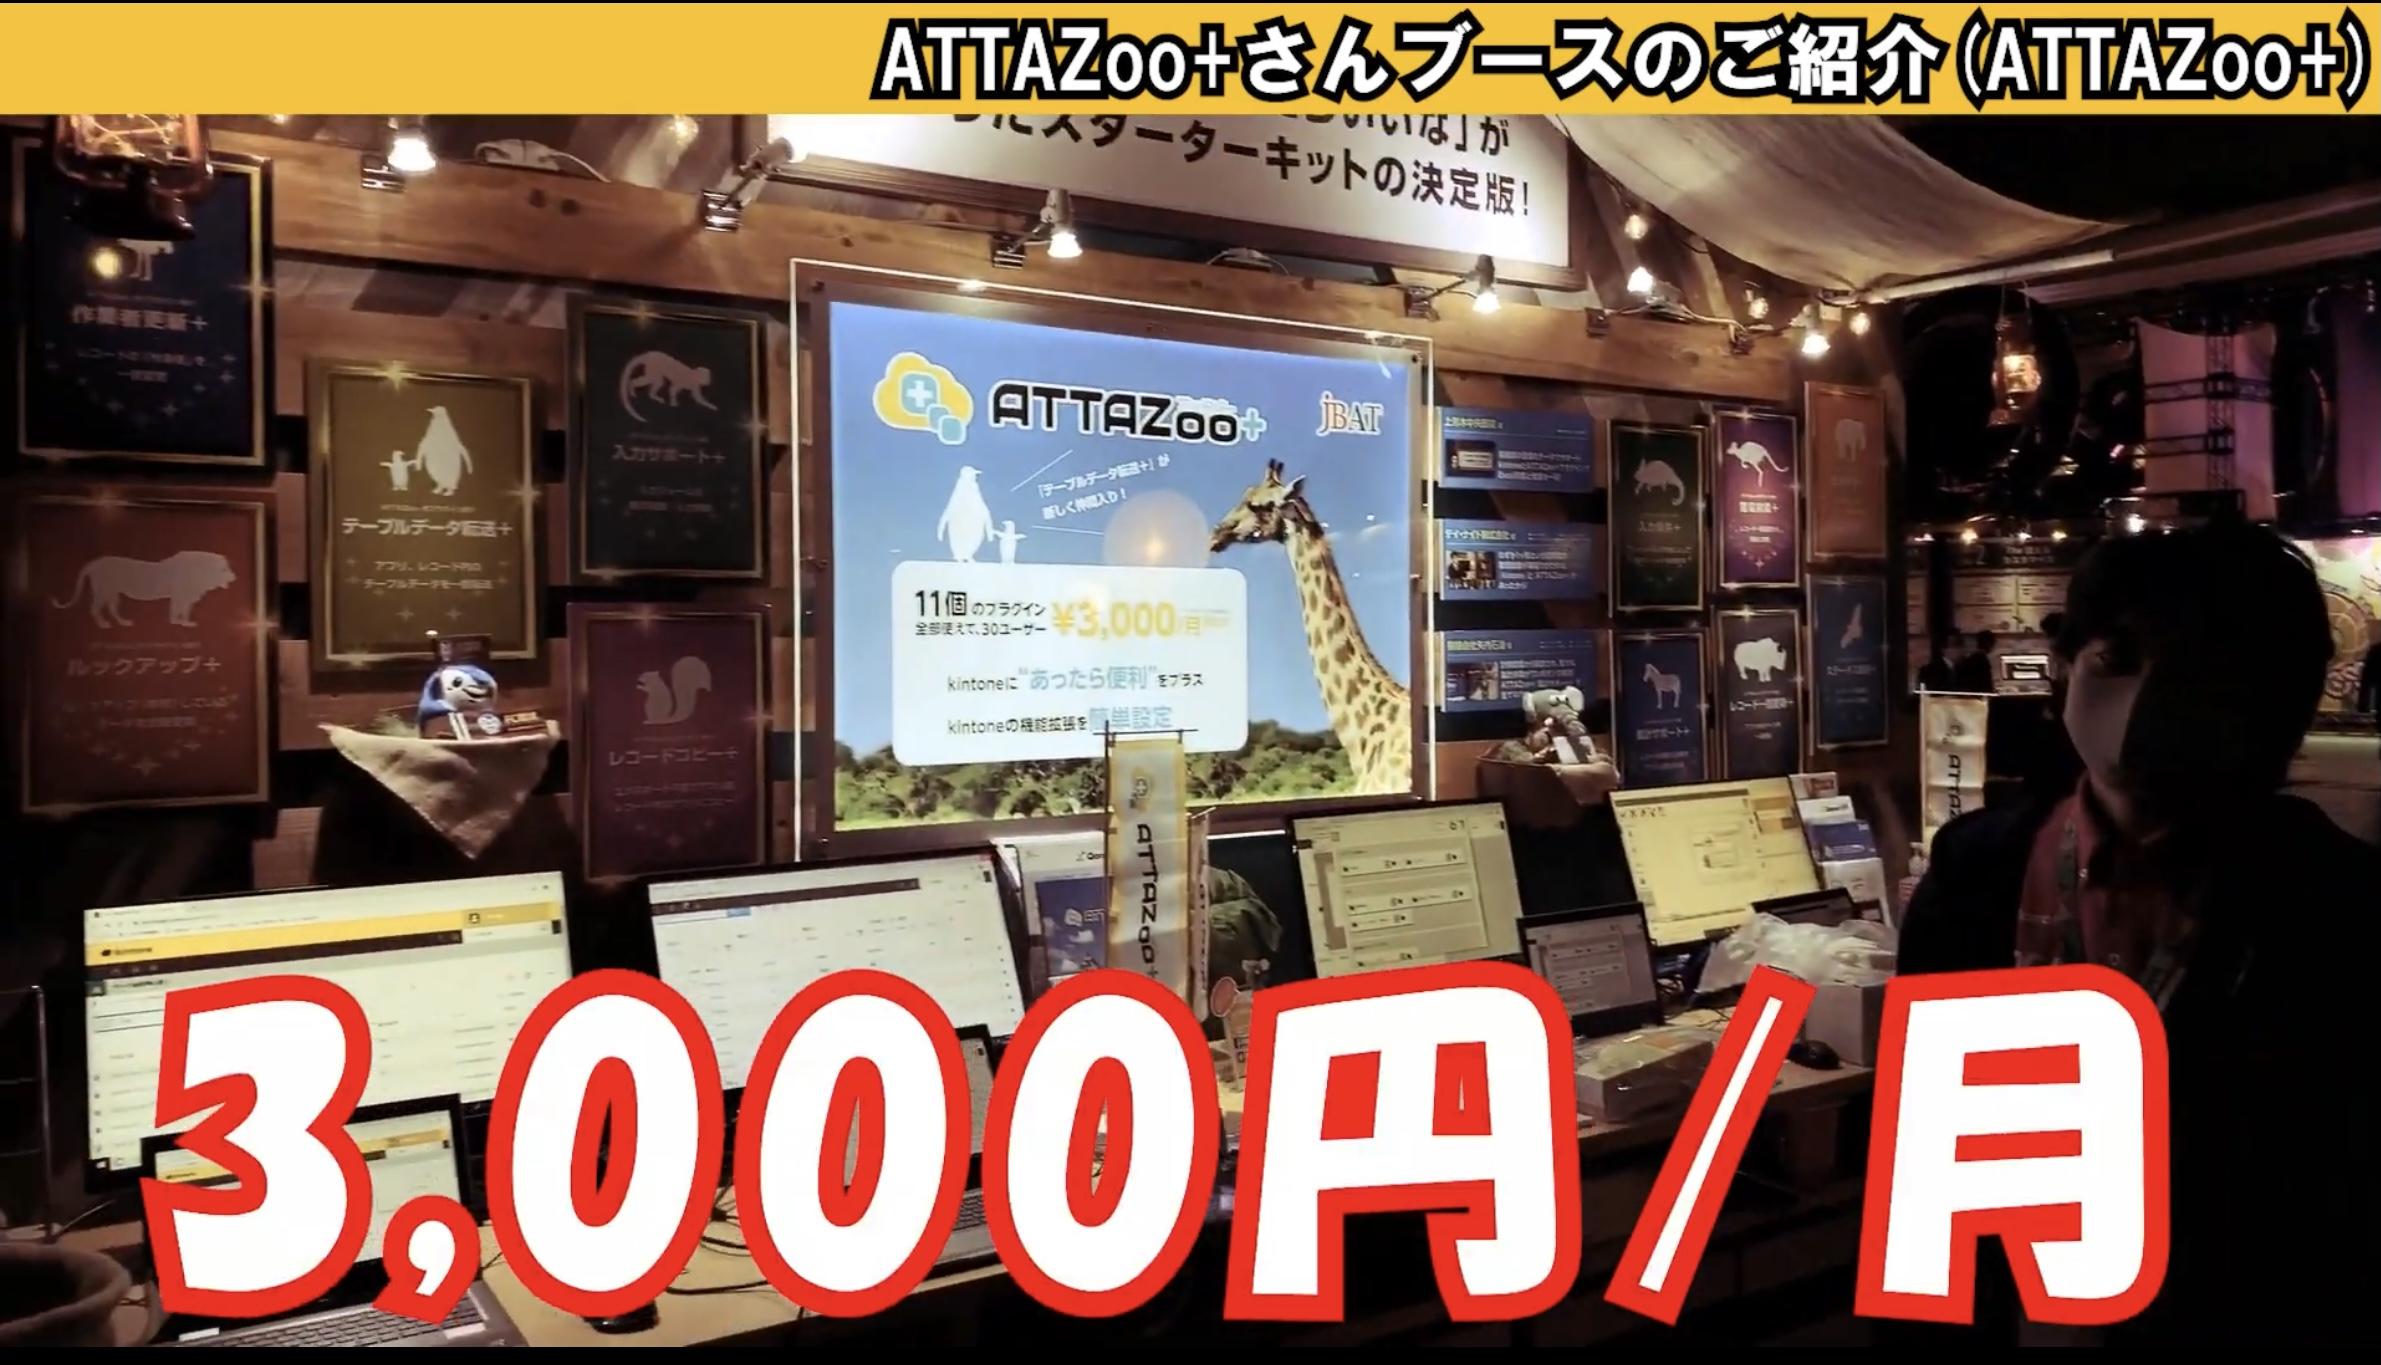 ATTAZoo+料金